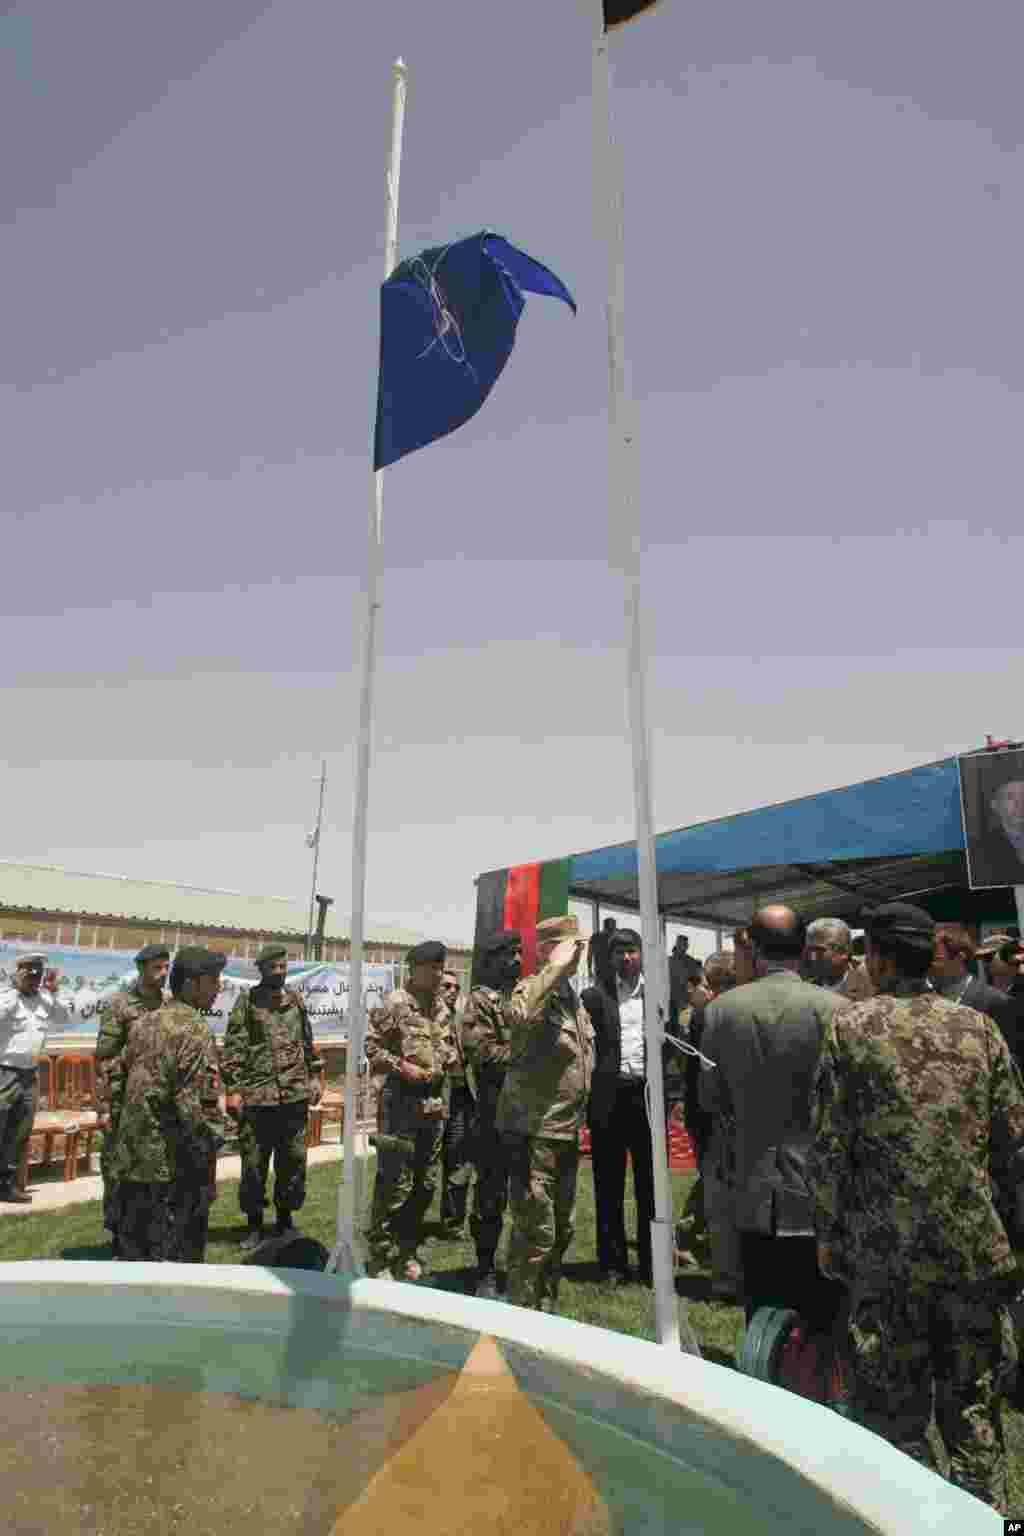 هرات مسؤولیت های امنیتی را از قوای خارجی به دست گرفت